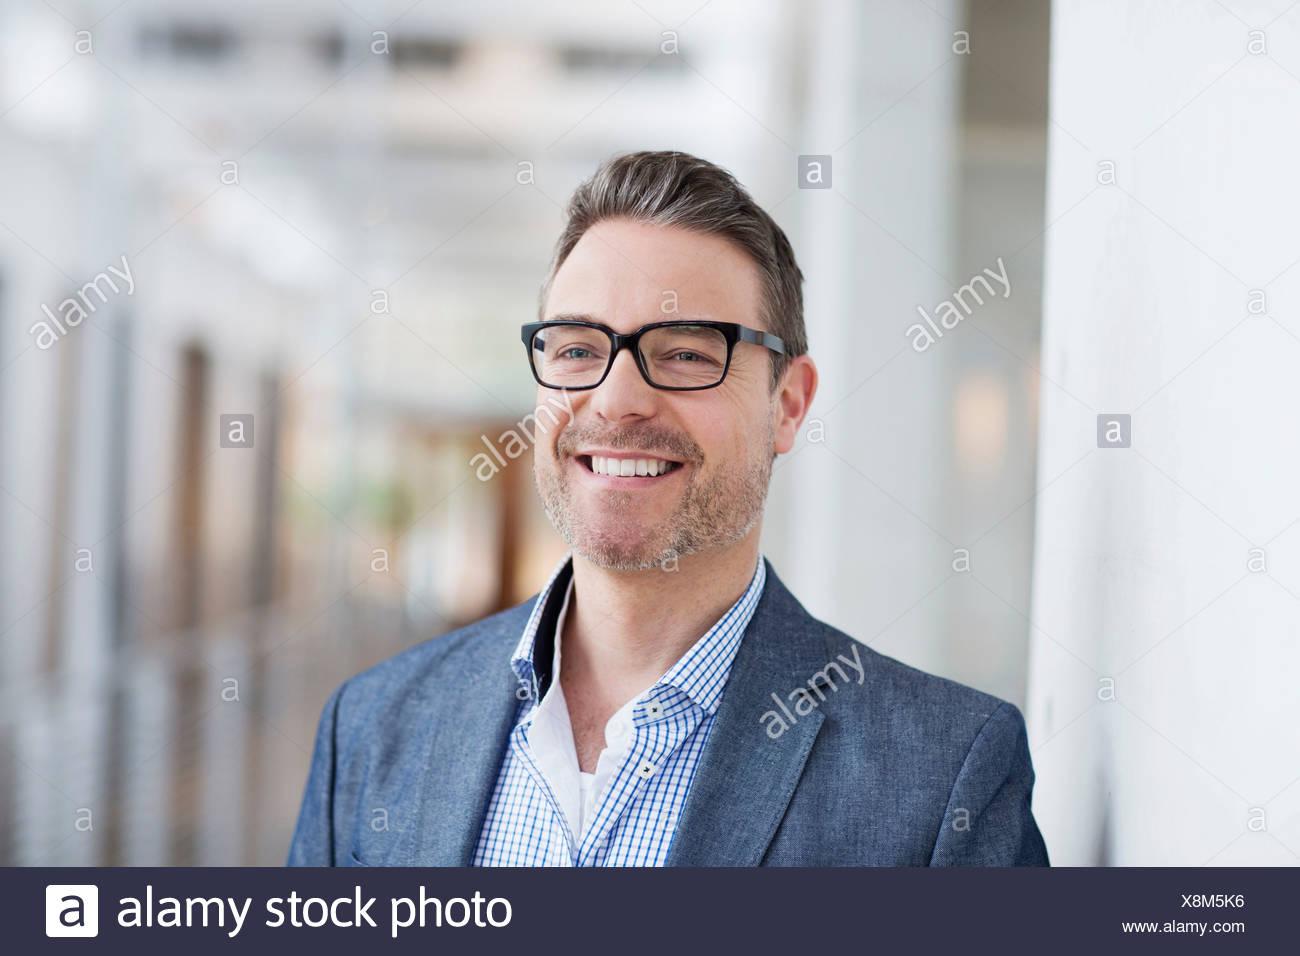 Homme avec sourire à pleines dents Photo Stock